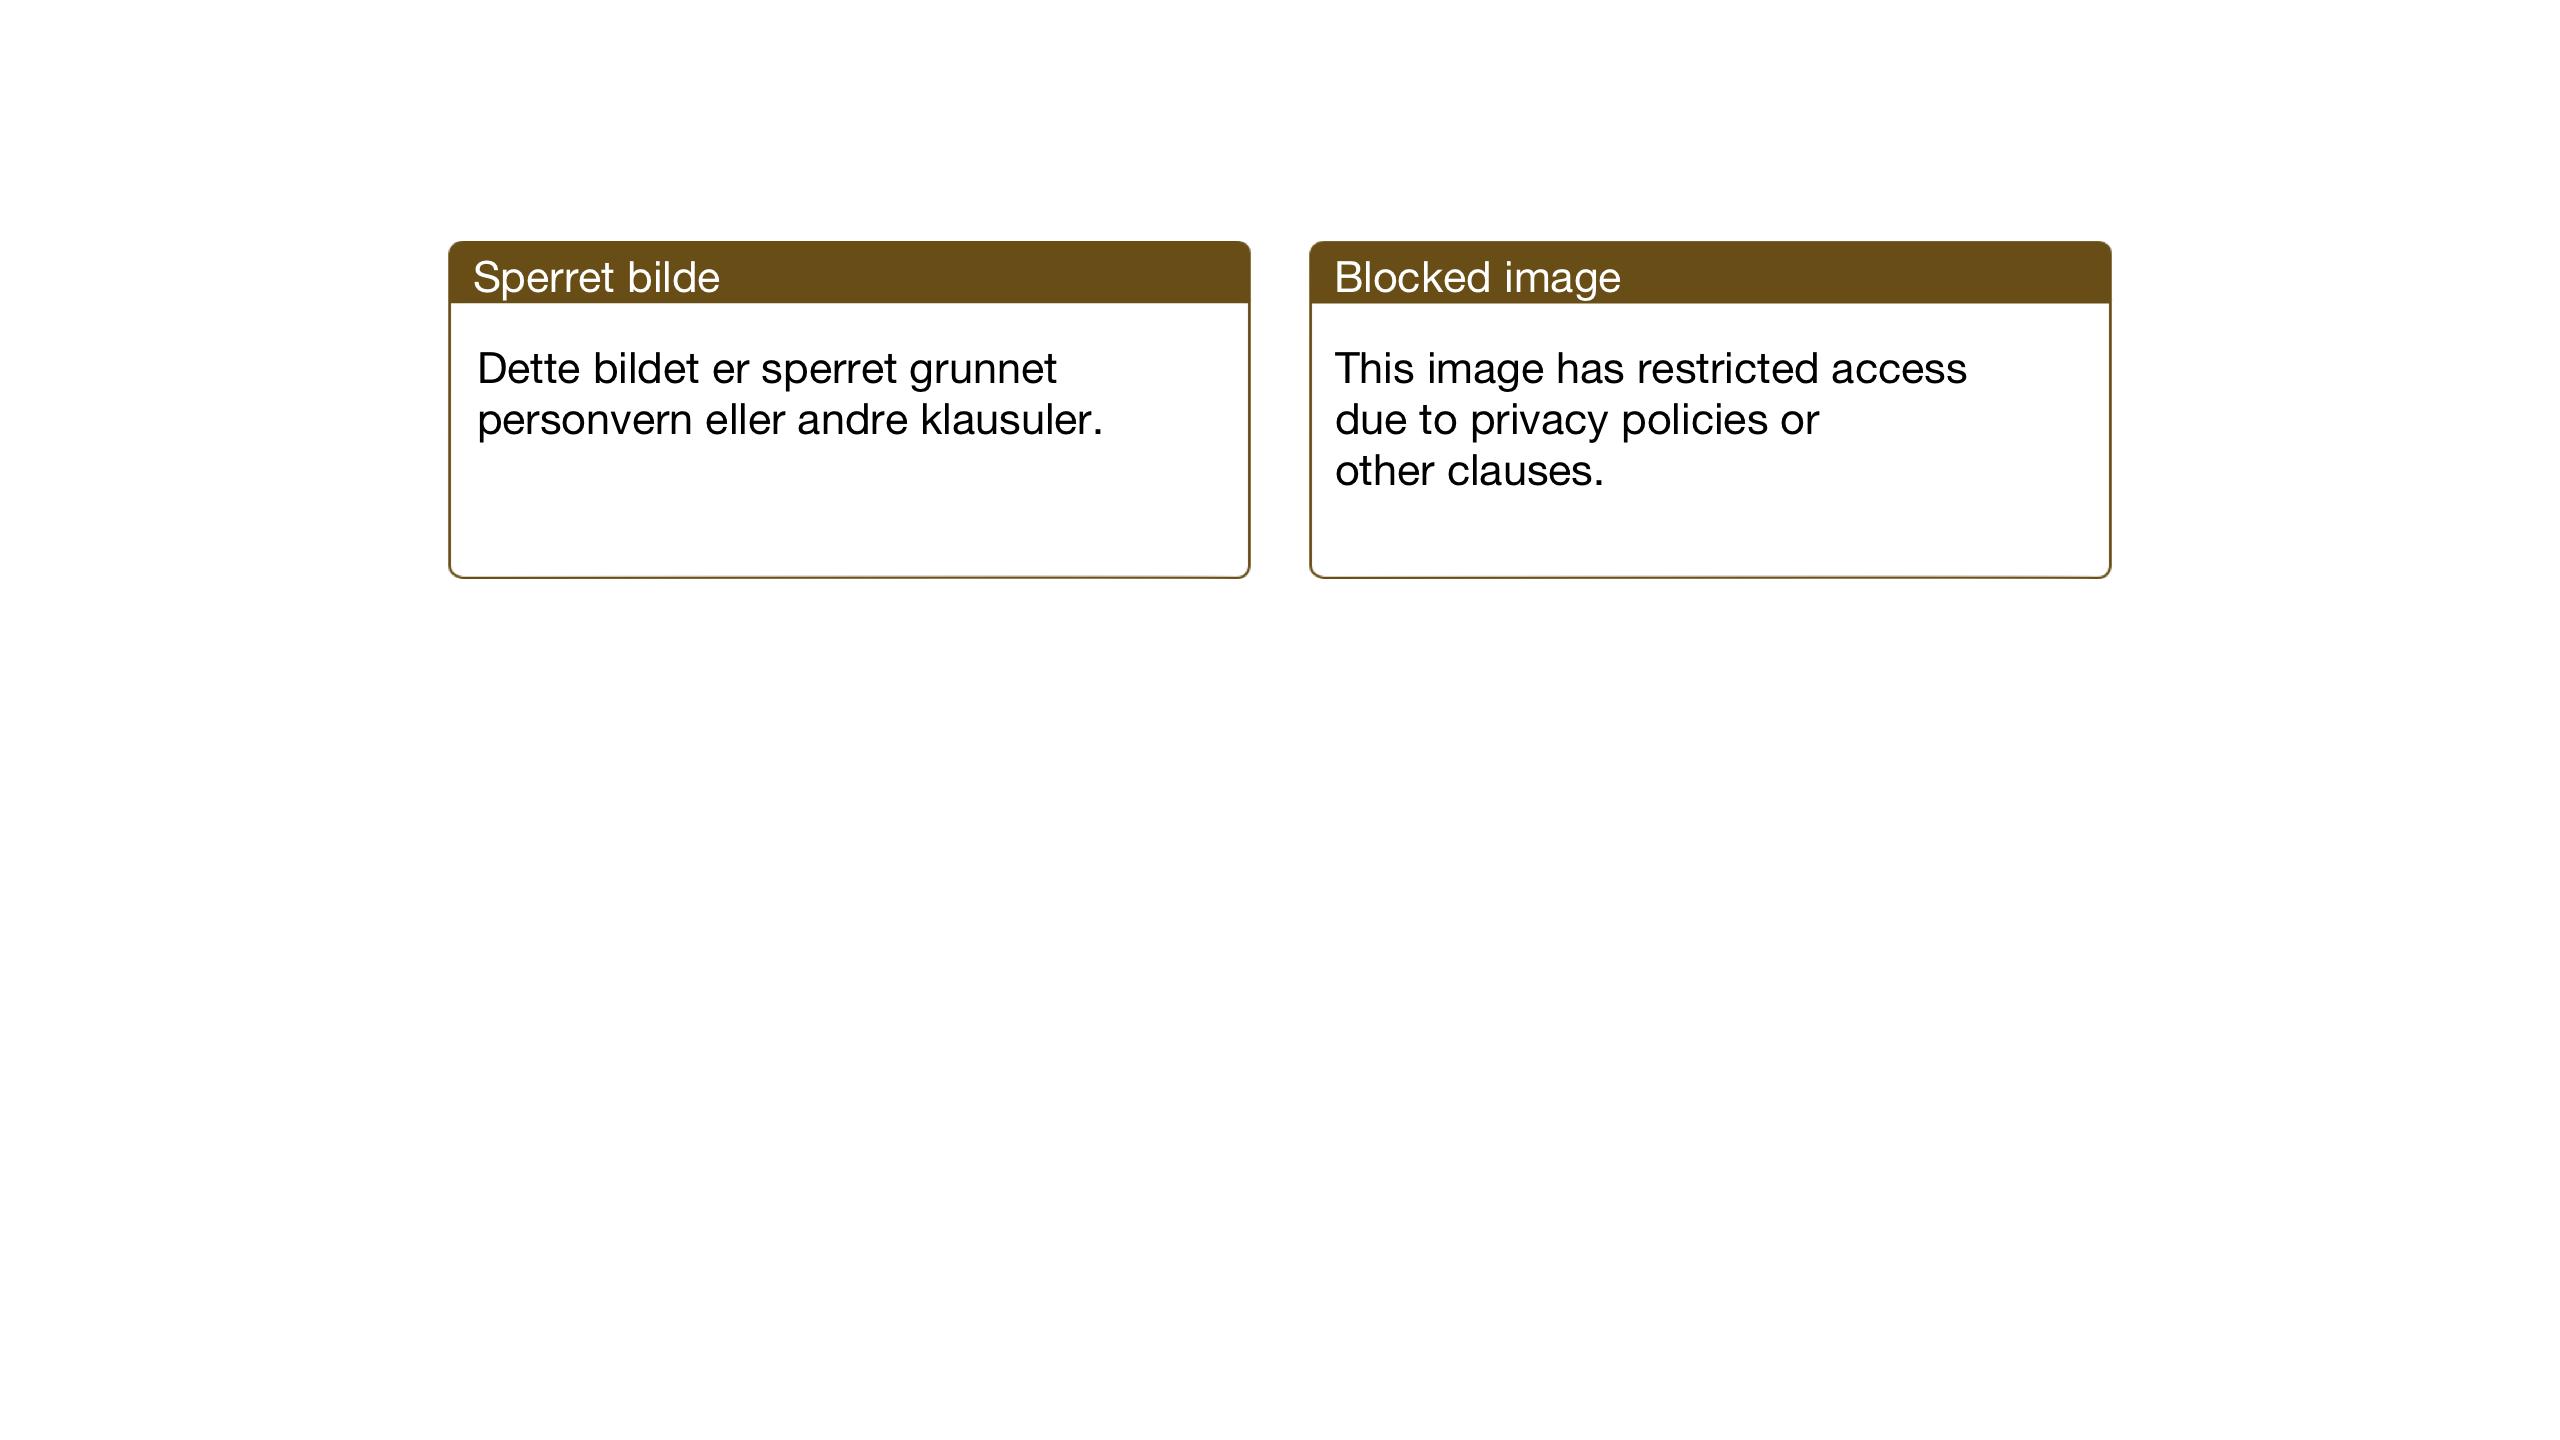 SAT, Ministerialprotokoller, klokkerbøker og fødselsregistre - Sør-Trøndelag, 602/L0153: Klokkerbok nr. 602C21, 1940-1949, s. 96